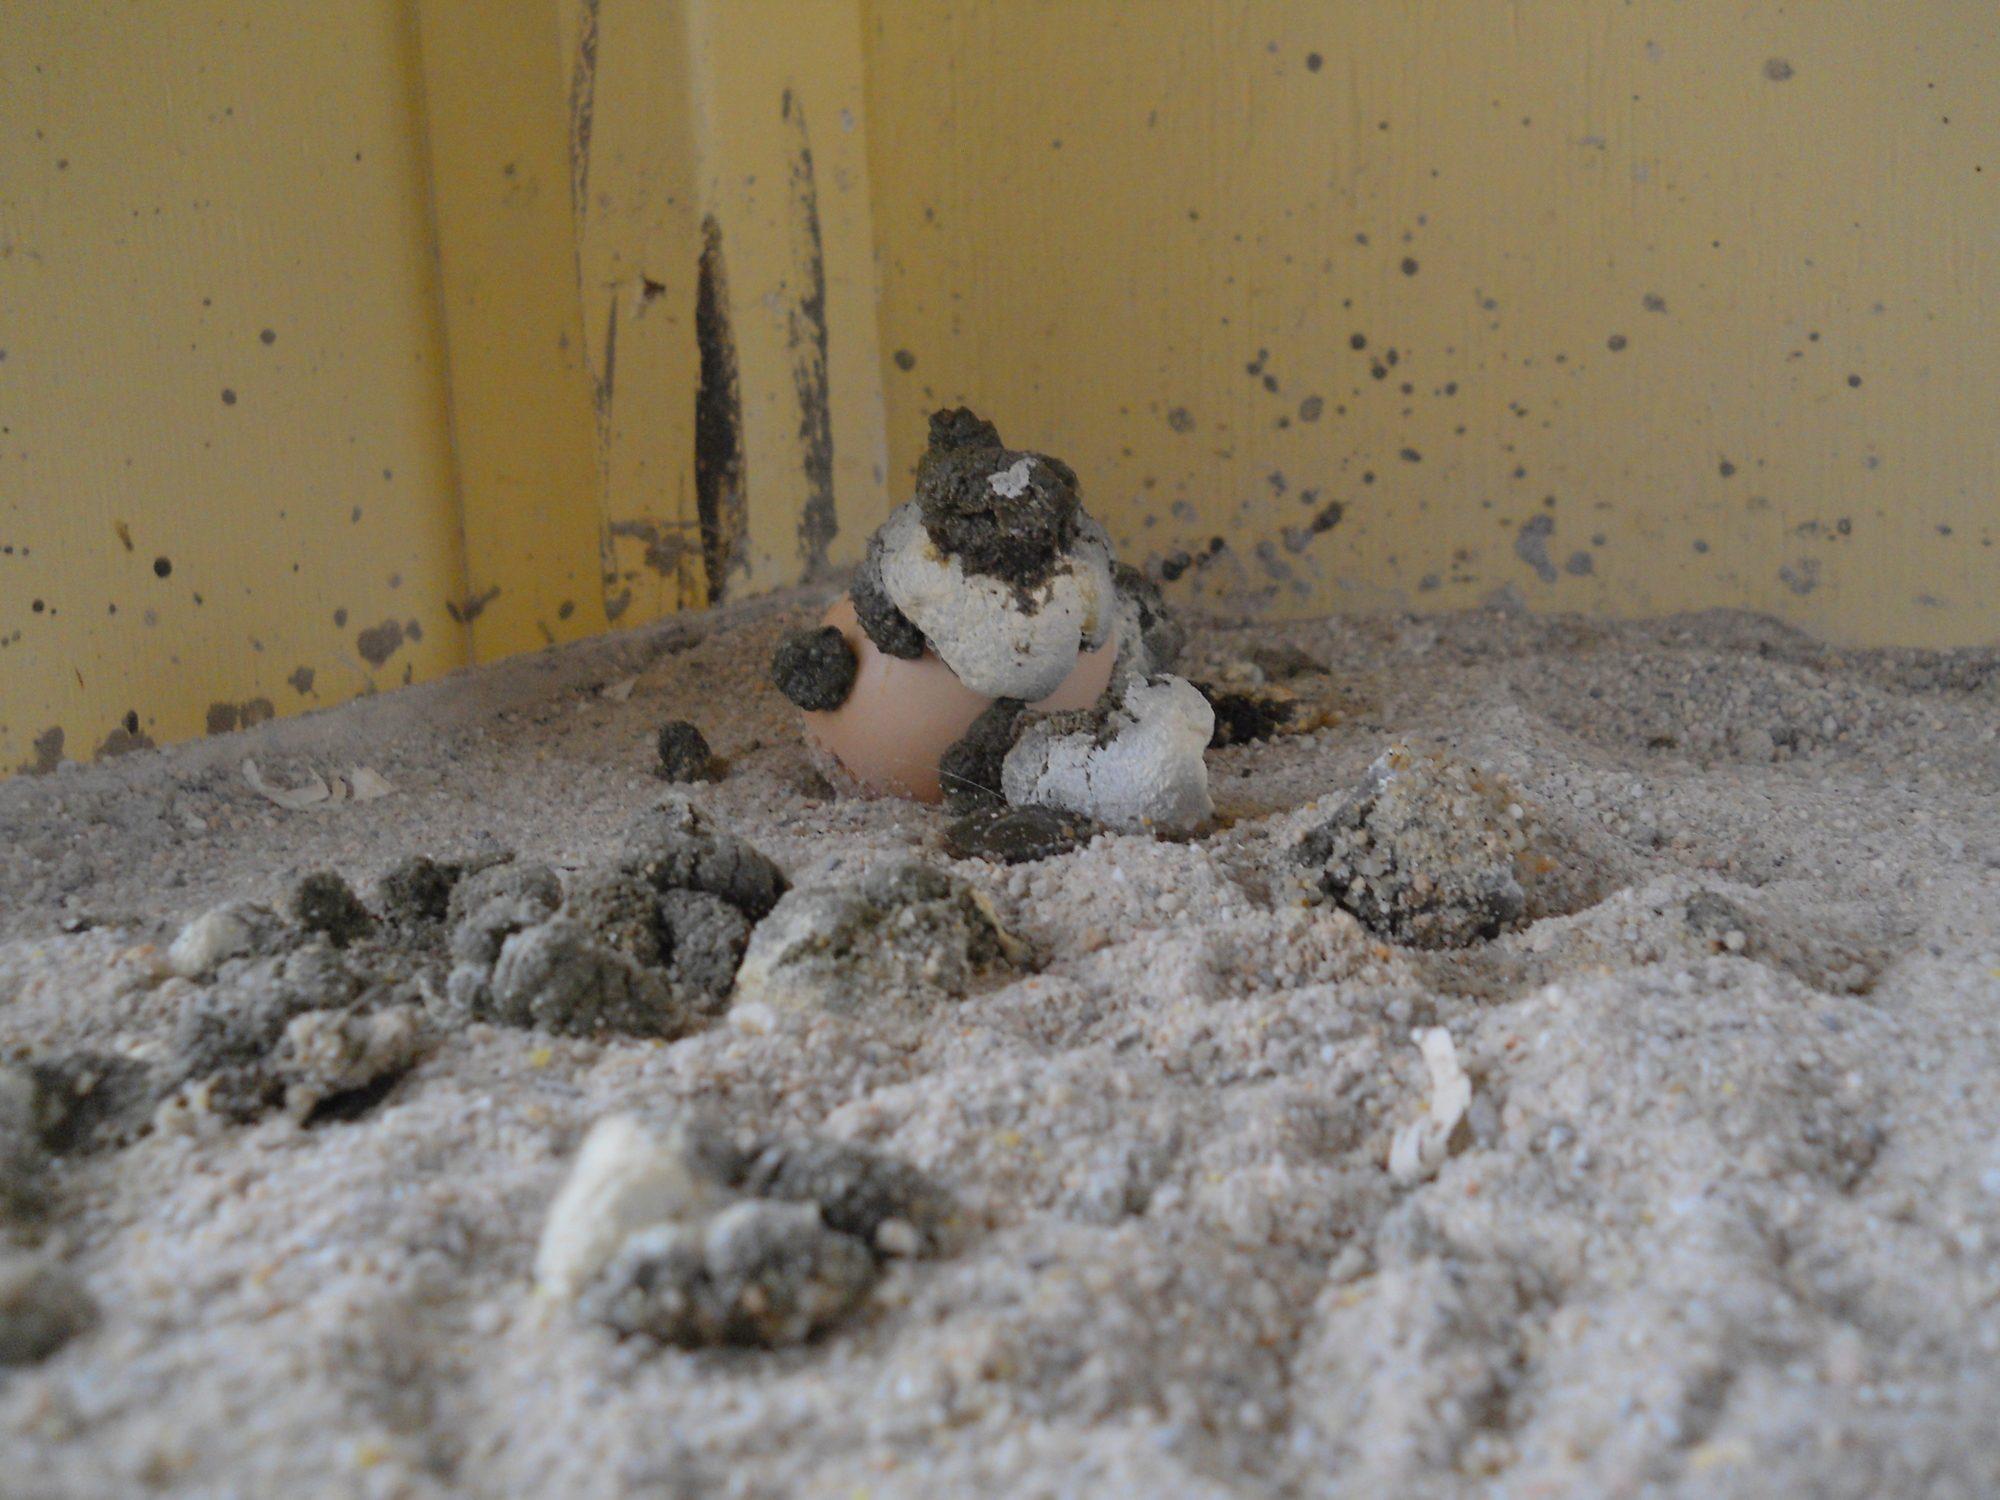 egg-poop 019.JPG